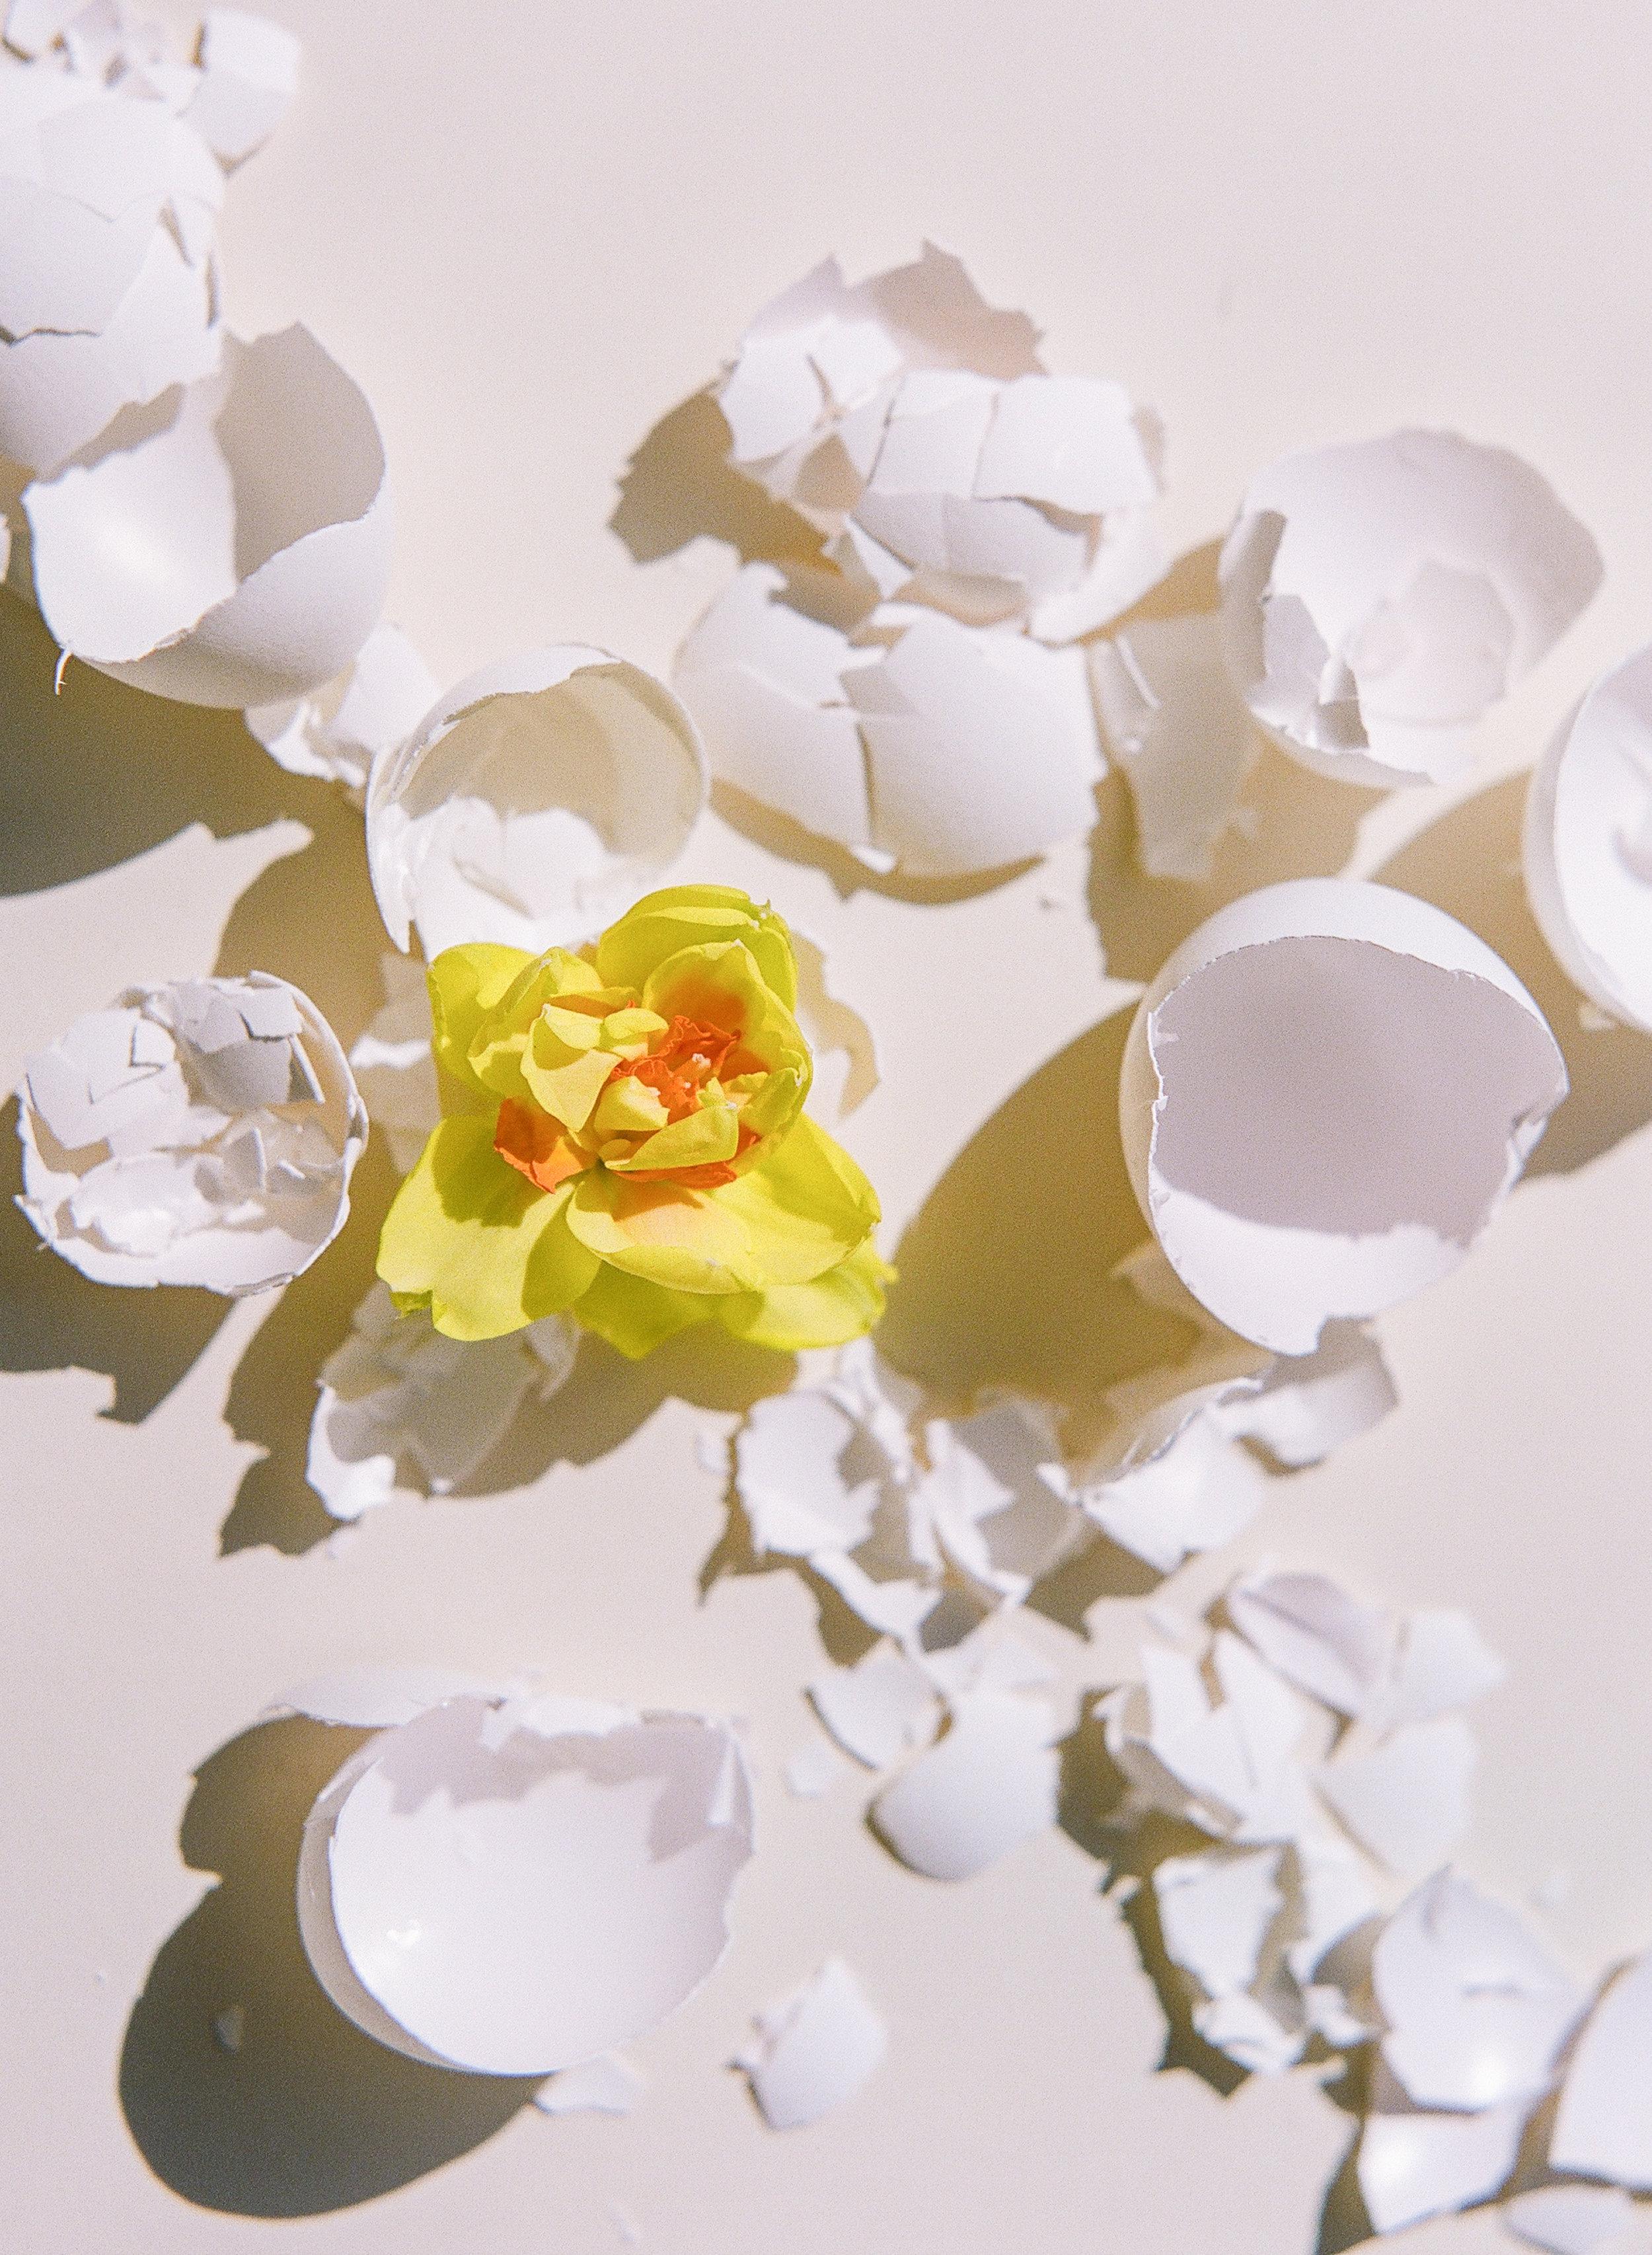 070_FriedEggs&Flowers.jpg